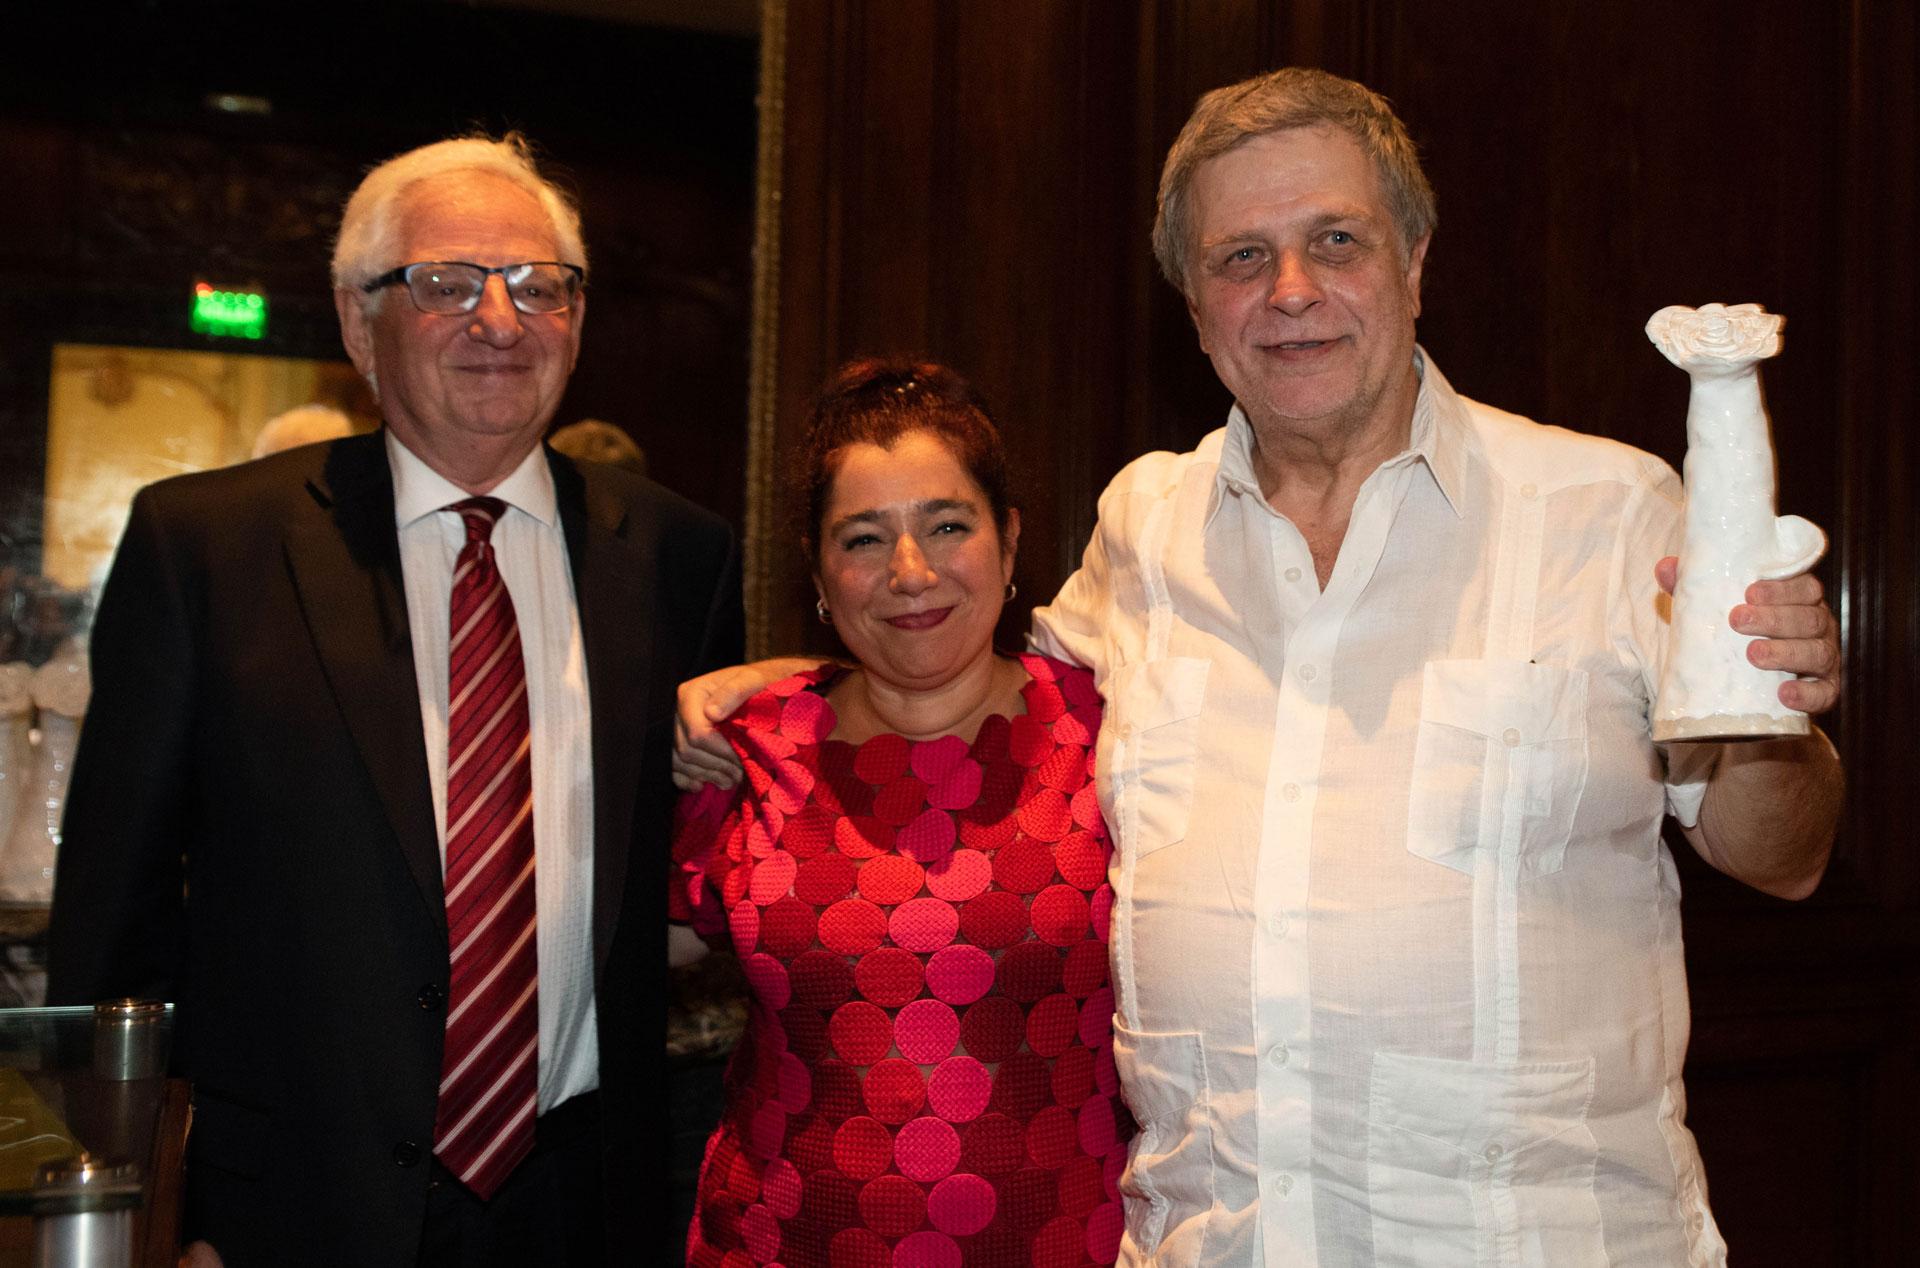 Con más de 100 películas realizadas en los últimos 30 años, ALEPH hizo un importante recorrido en festivales internacionales impulsando y protegiendo férreamente el mercado argentino. Su fundador, Fernando Sokolowicz, recibió esta distinción